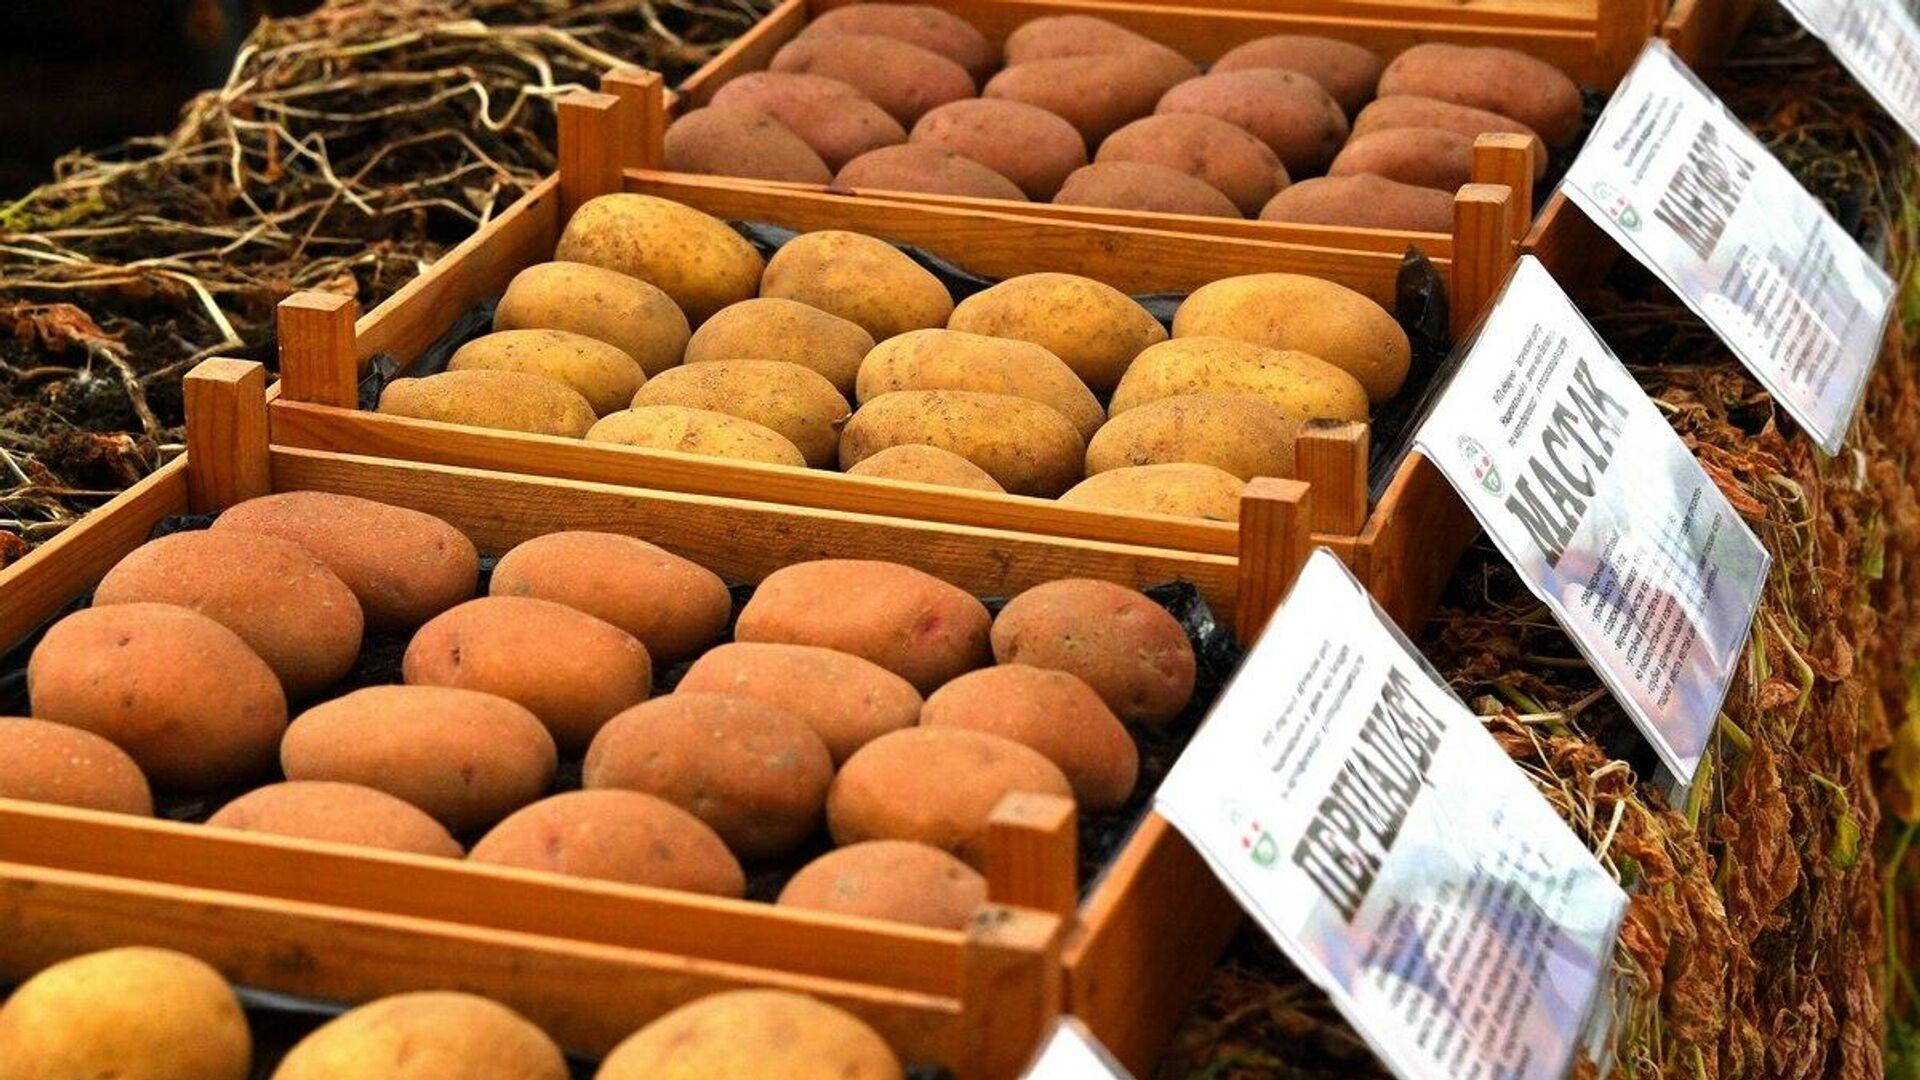 В настоящее время в семеноводстве находится 26 сортов картофеля - Sputnik Беларусь, 1920, 07.10.2021